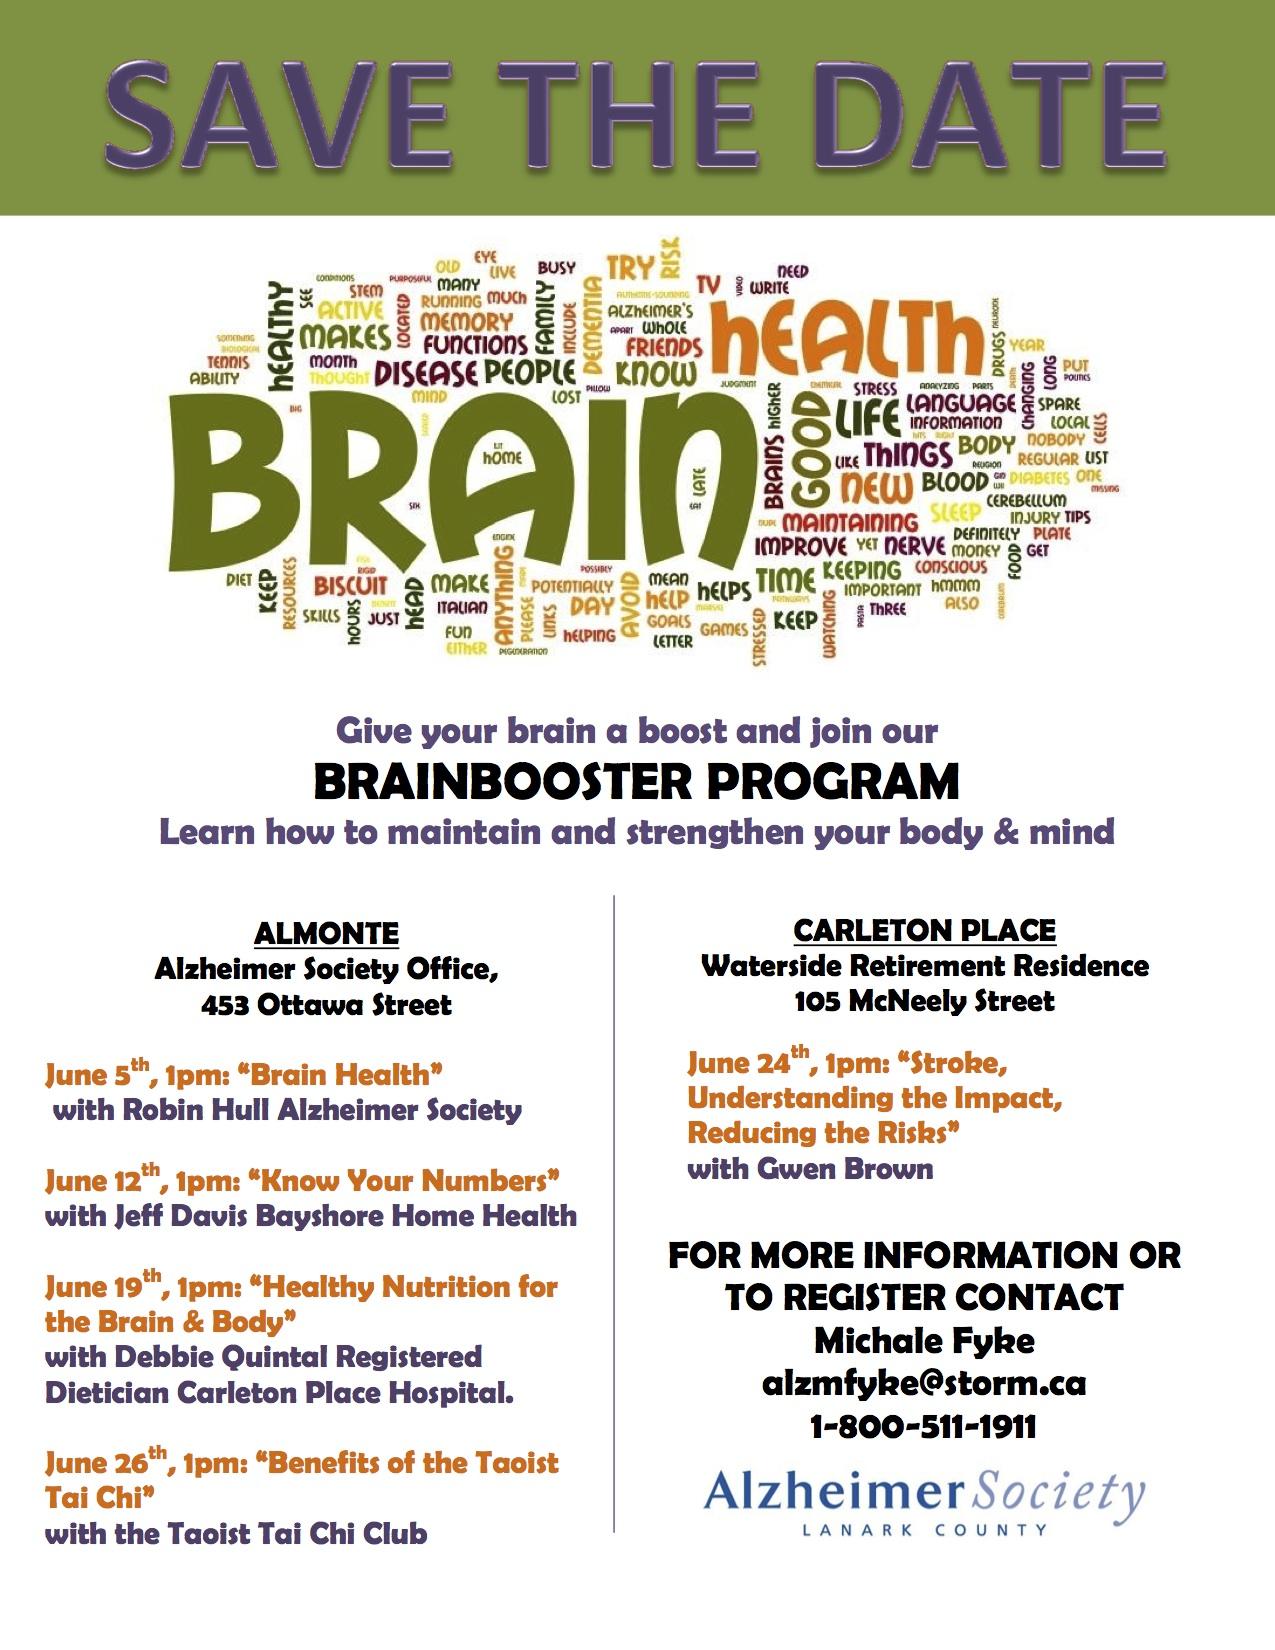 Improve brain working memory photo 2